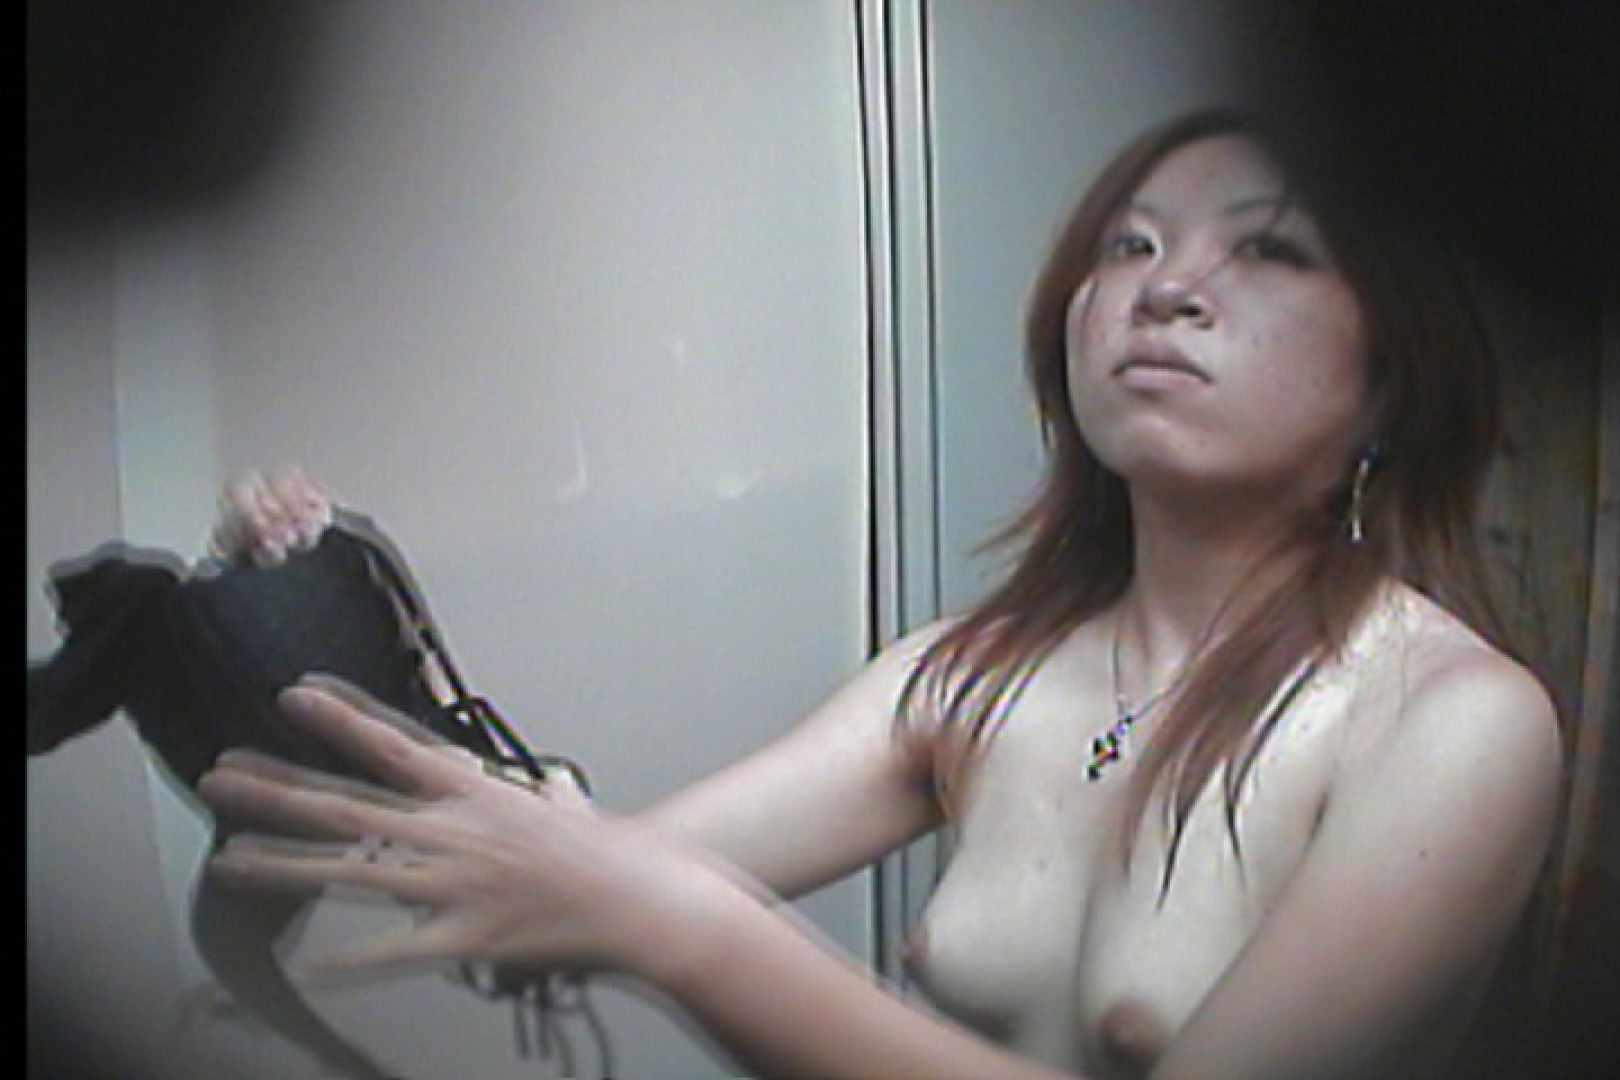 海の家の更衣室 Vol.16 OL   美女達のヌード  23連発 12